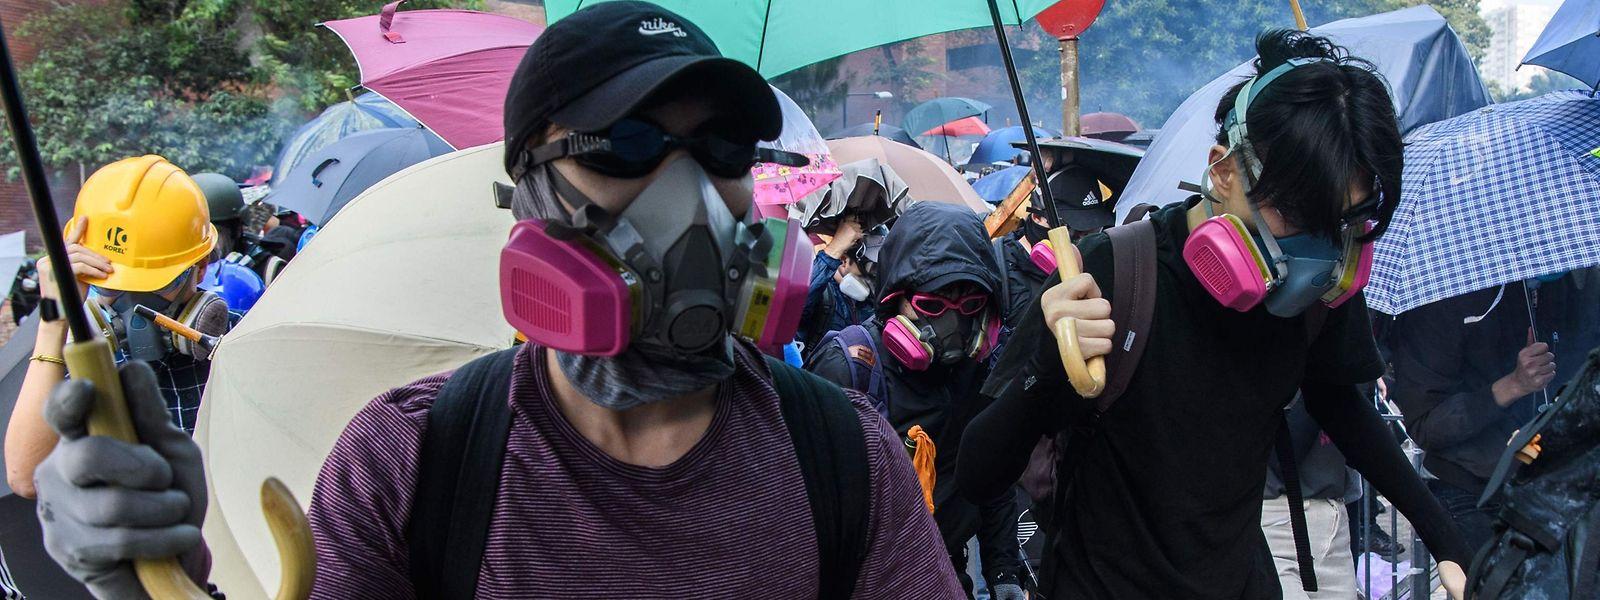 Demonstranten mit Atemschutz vor der Uni.